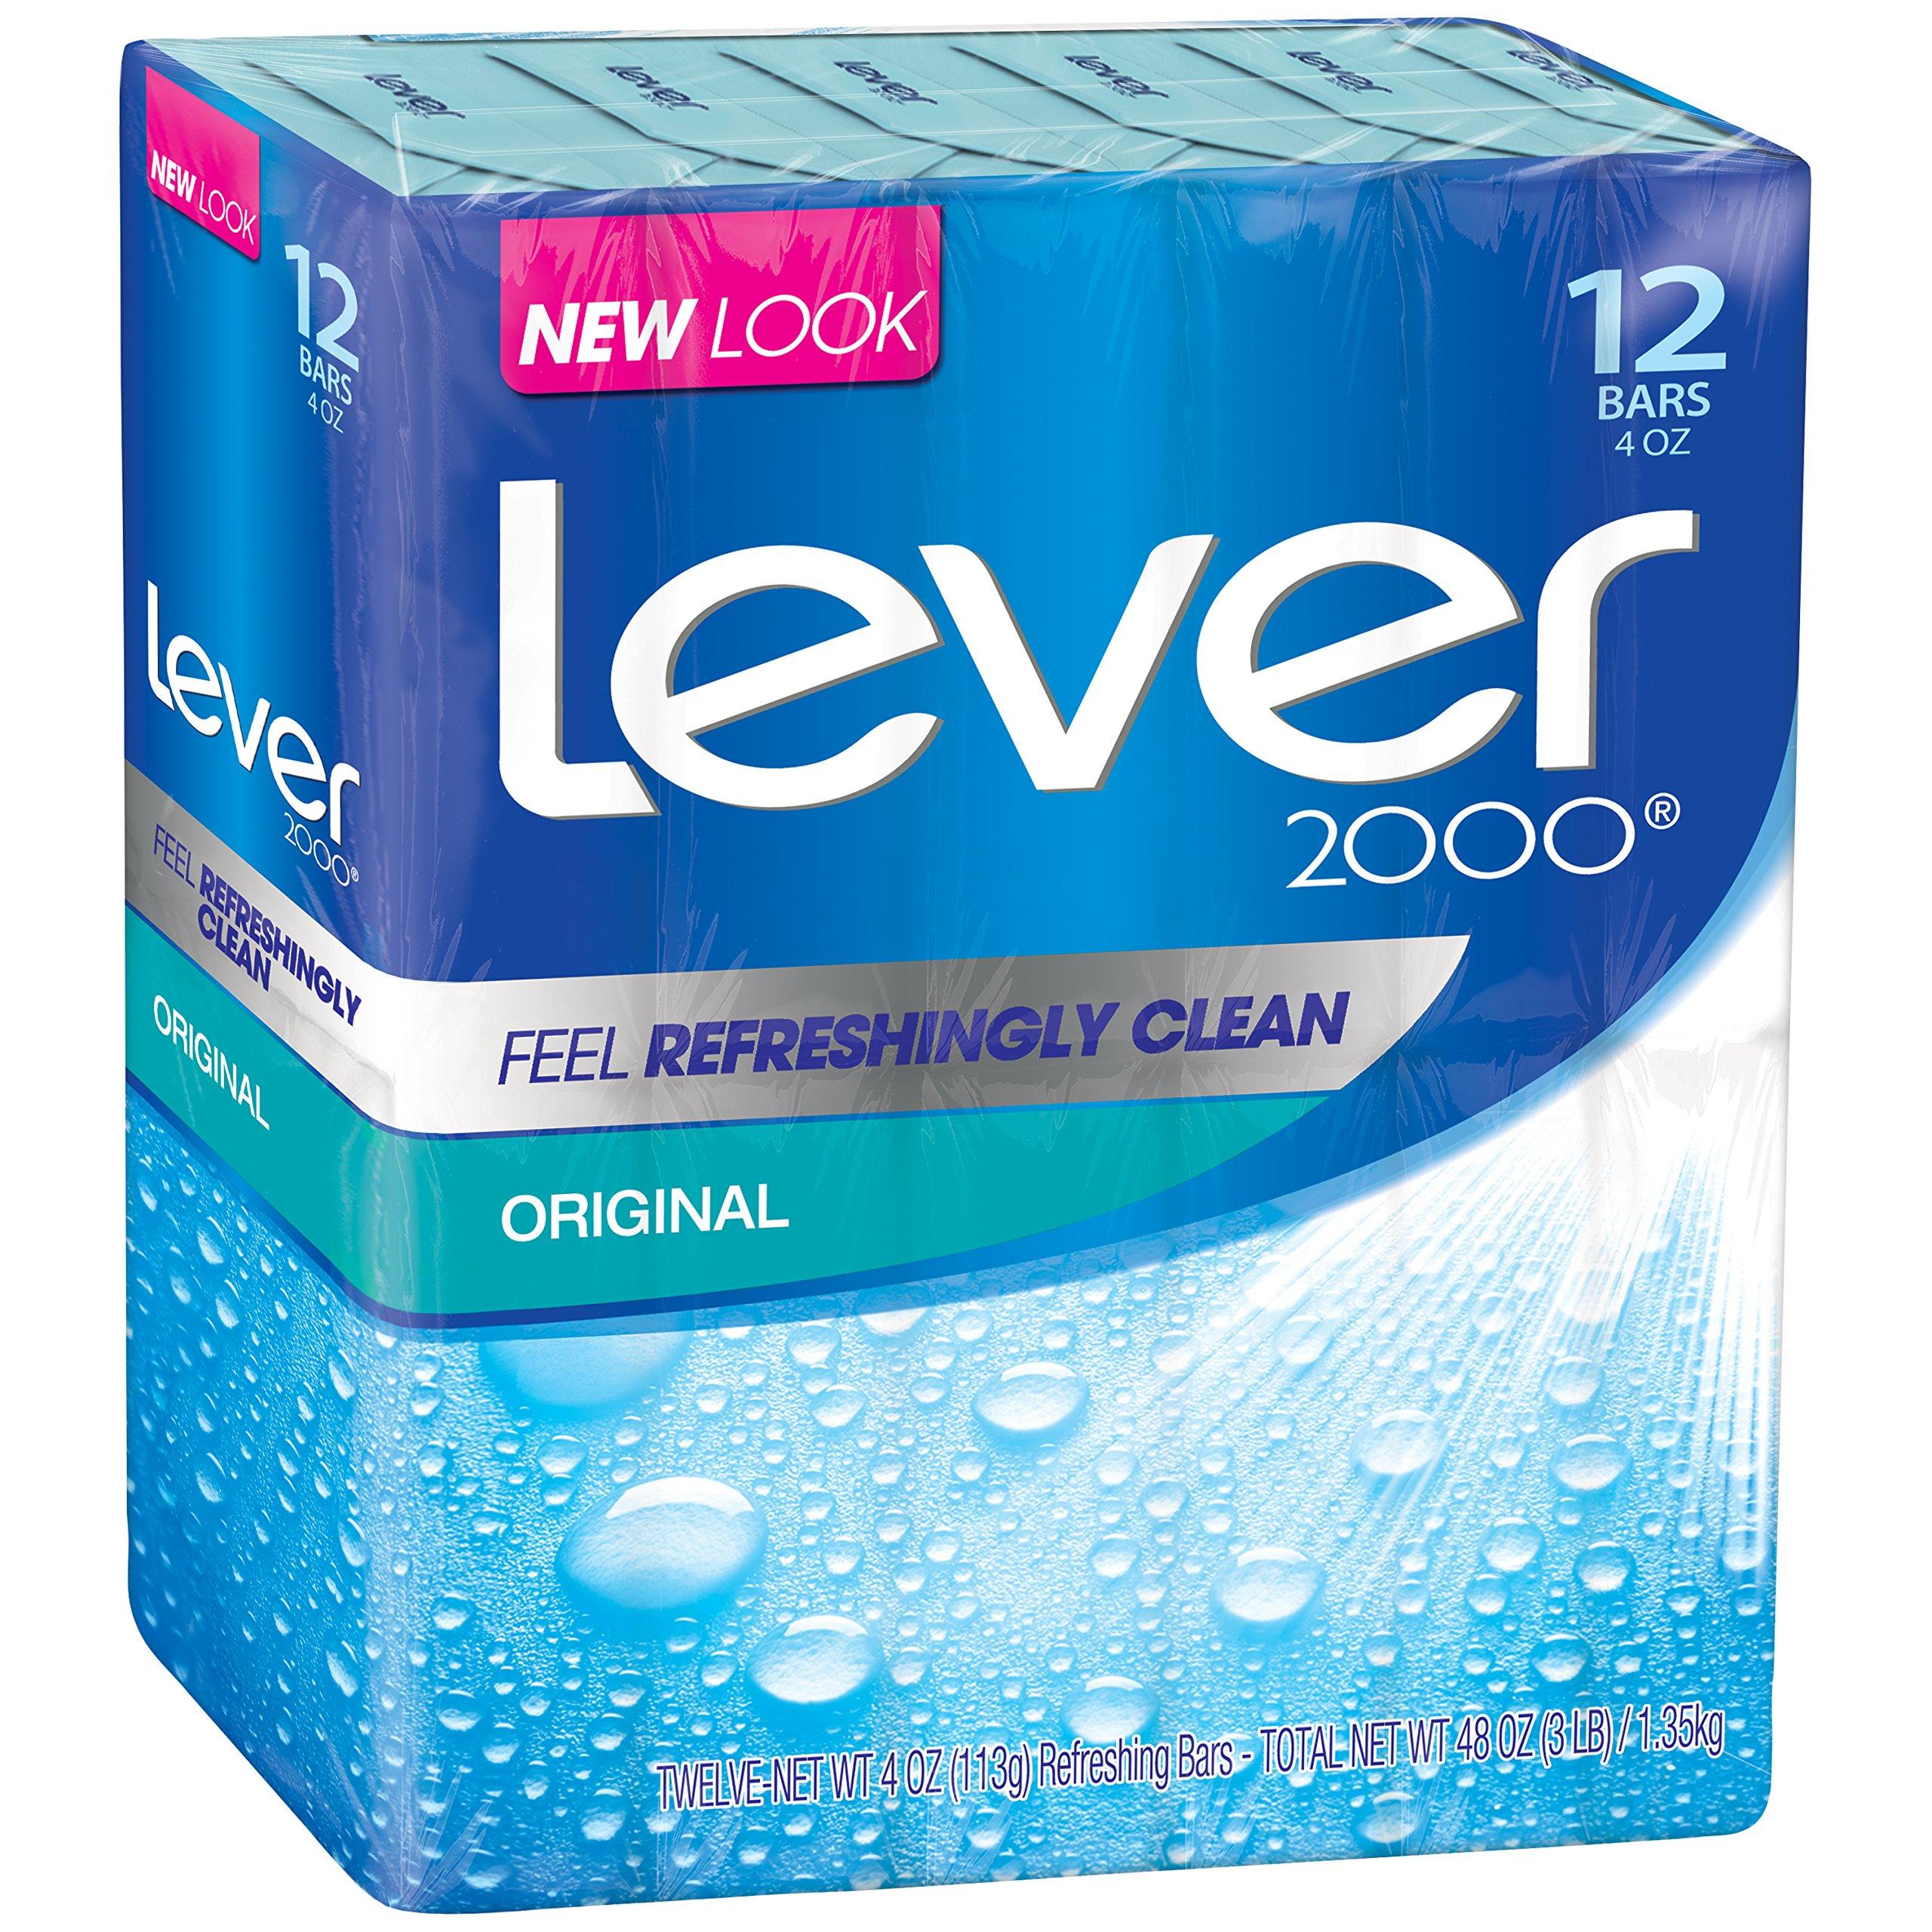 Lever 2000 Bar Soap, Original, 4 oz, 24 Bar